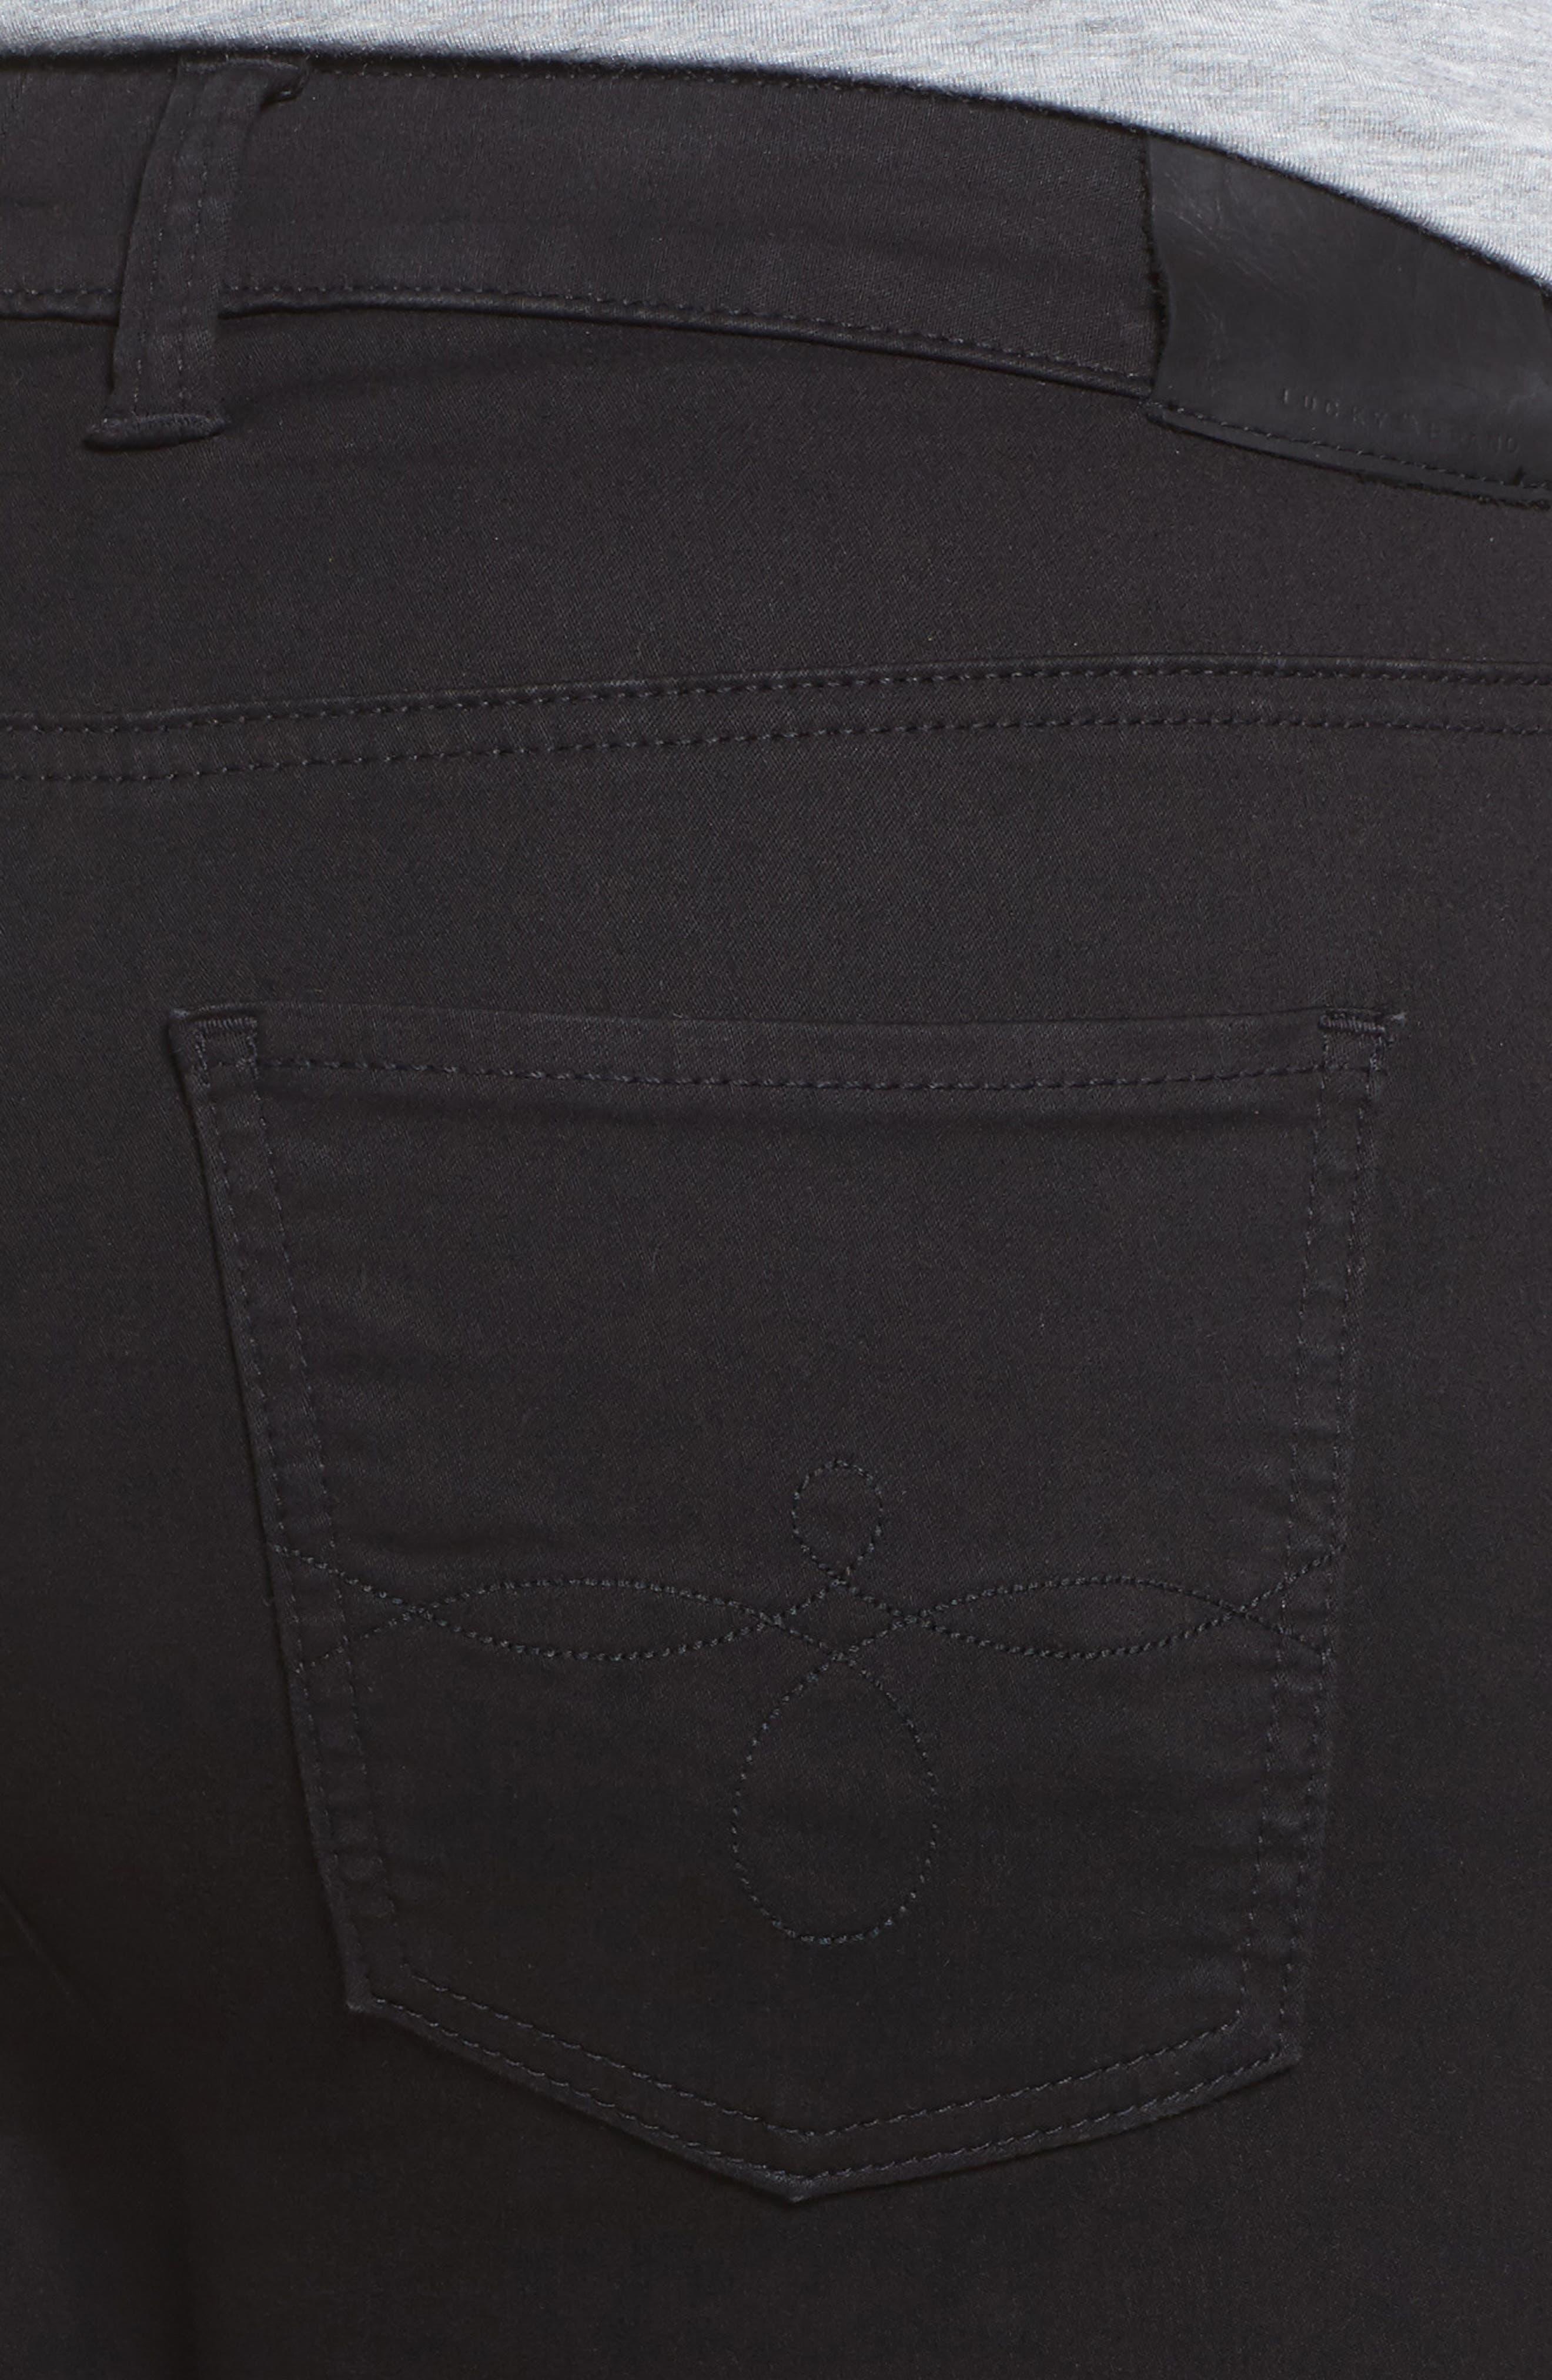 Ginger Skinny Jeans,                             Alternate thumbnail 4, color,